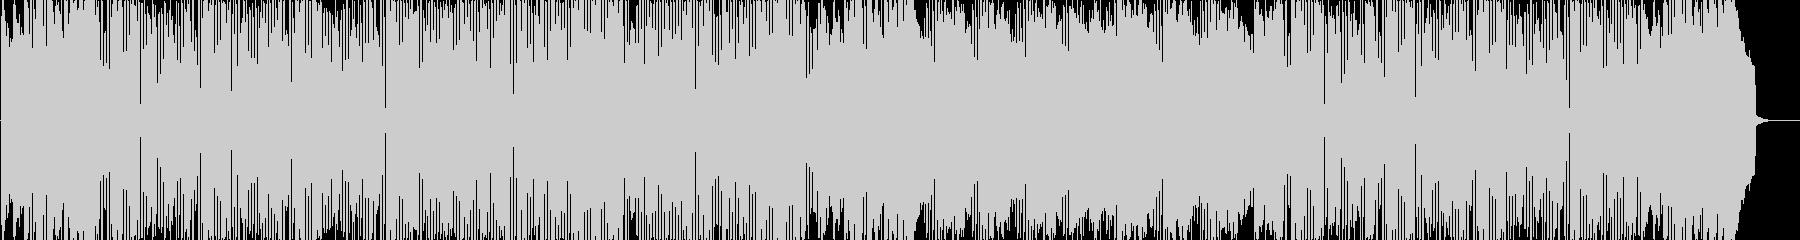 8bitのファンタジー風ポップスの未再生の波形